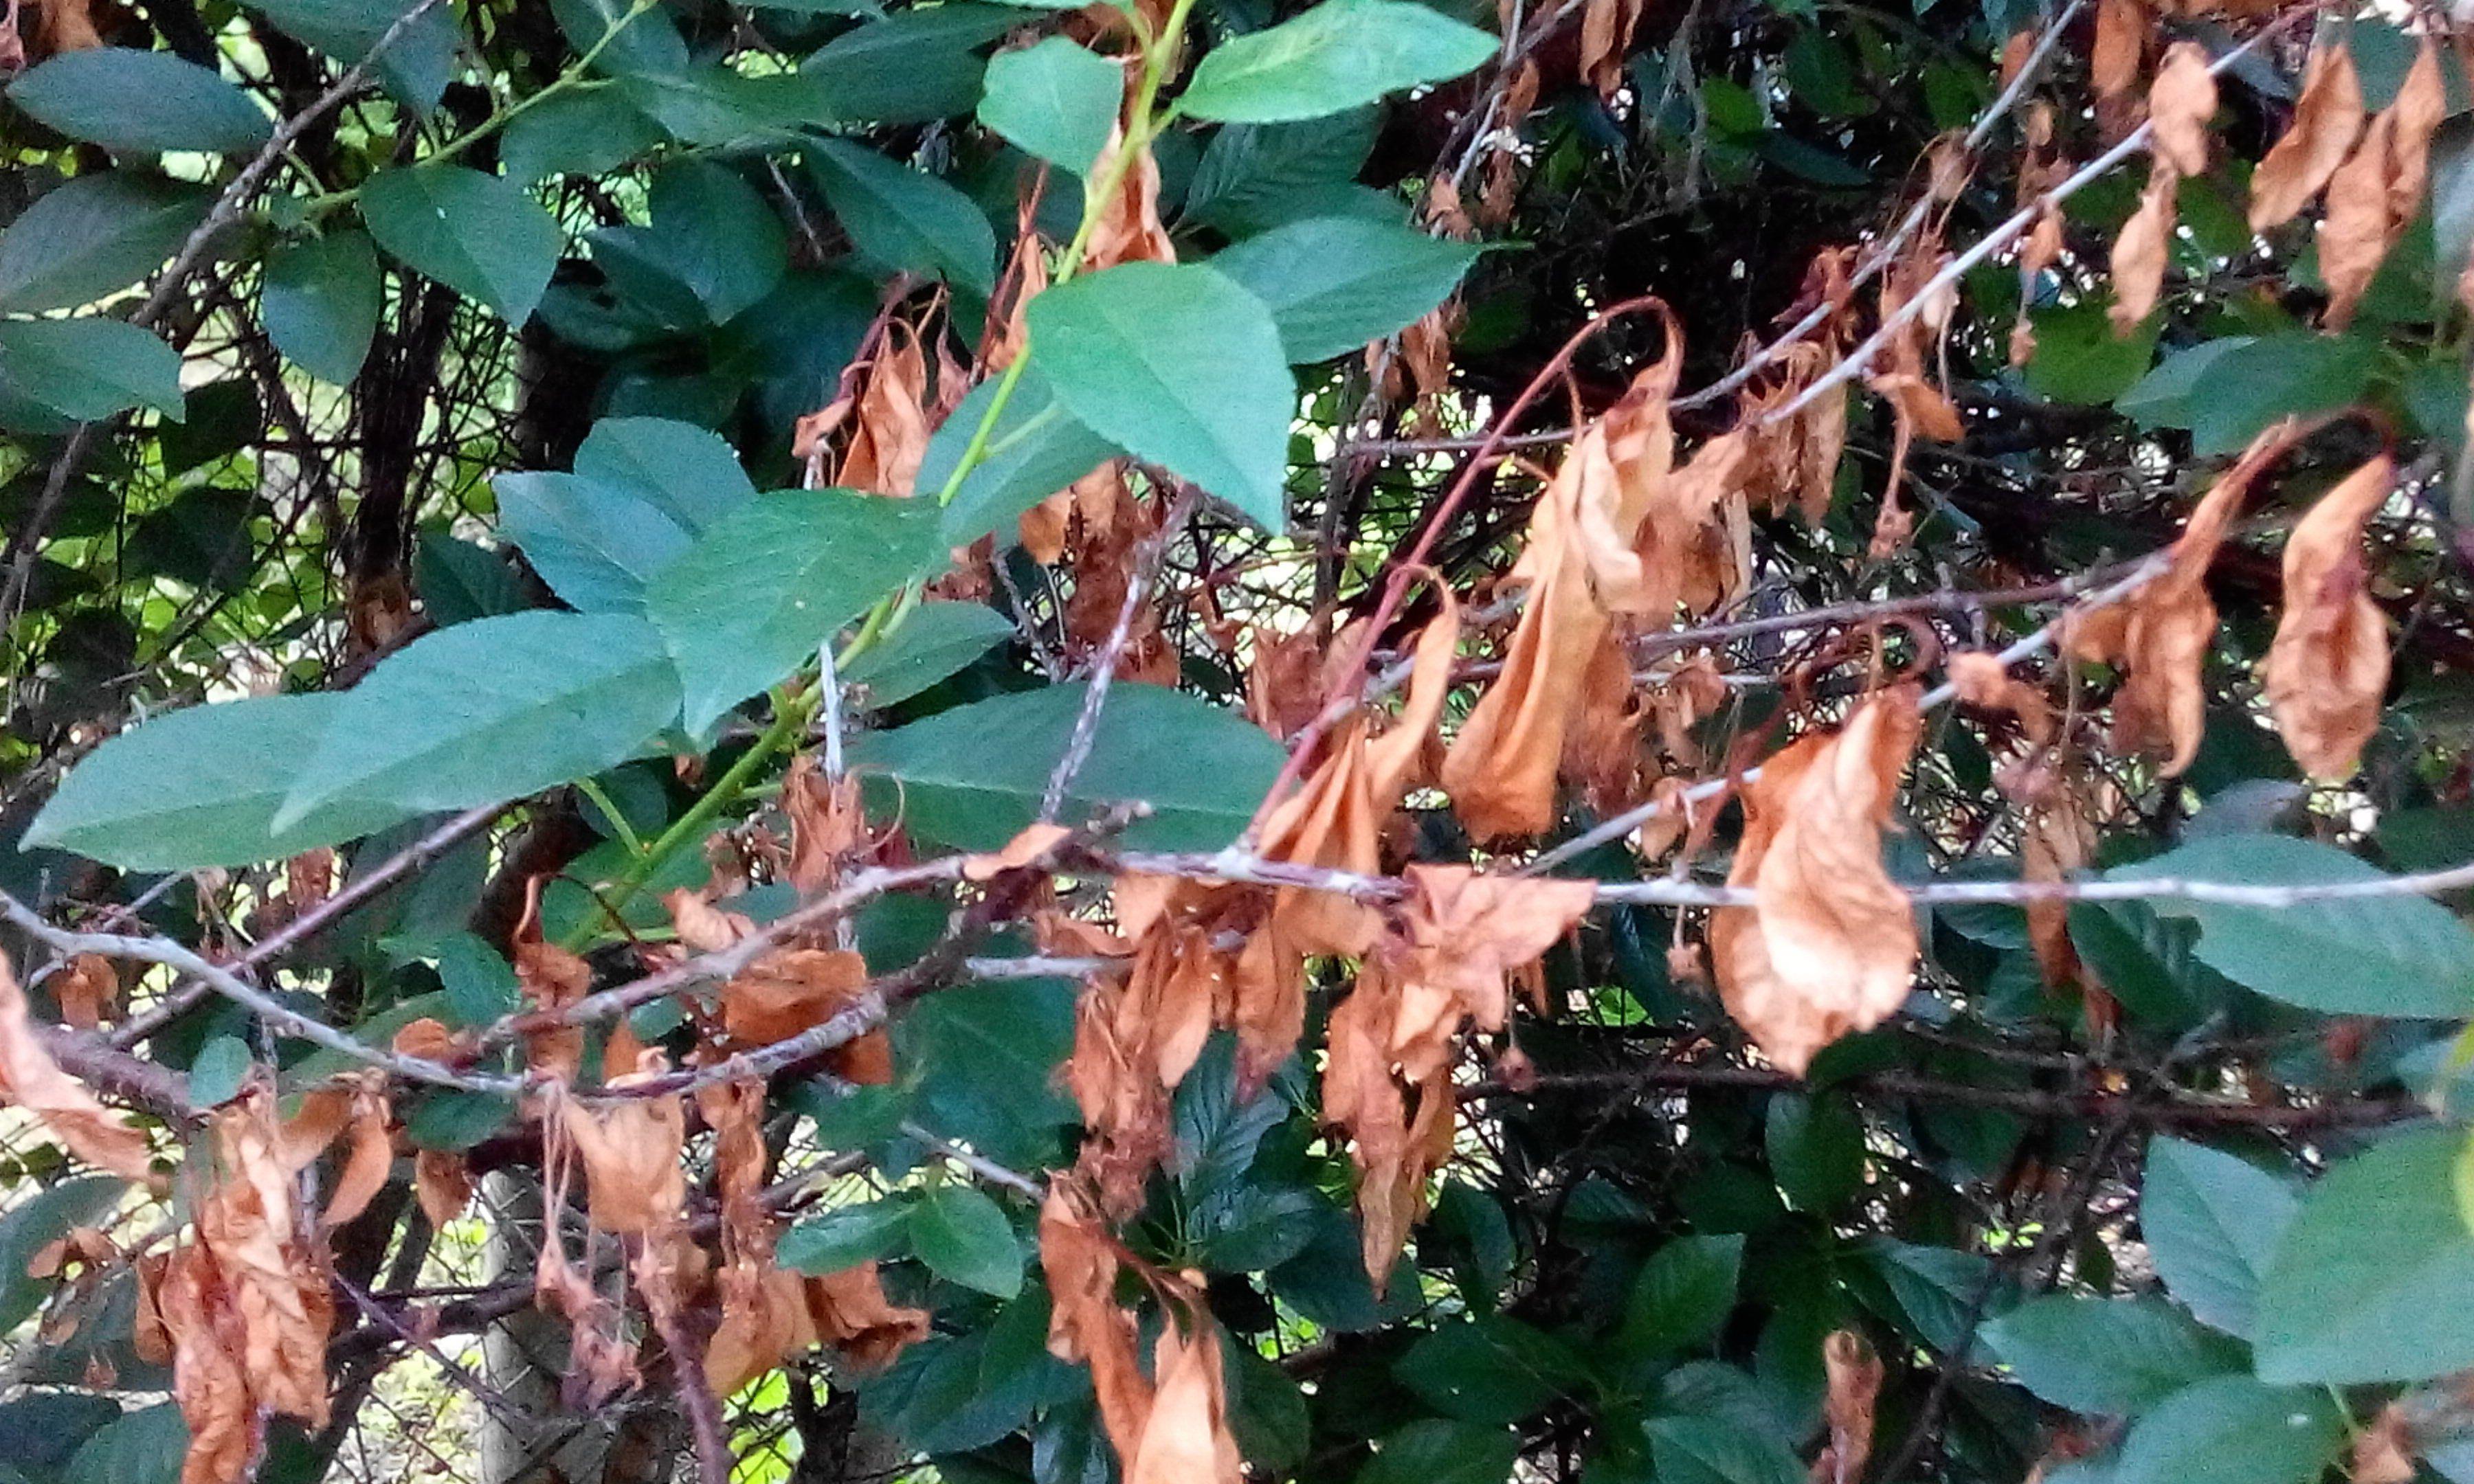 Симптомы монилиального ожога (монилиоза) на вишне